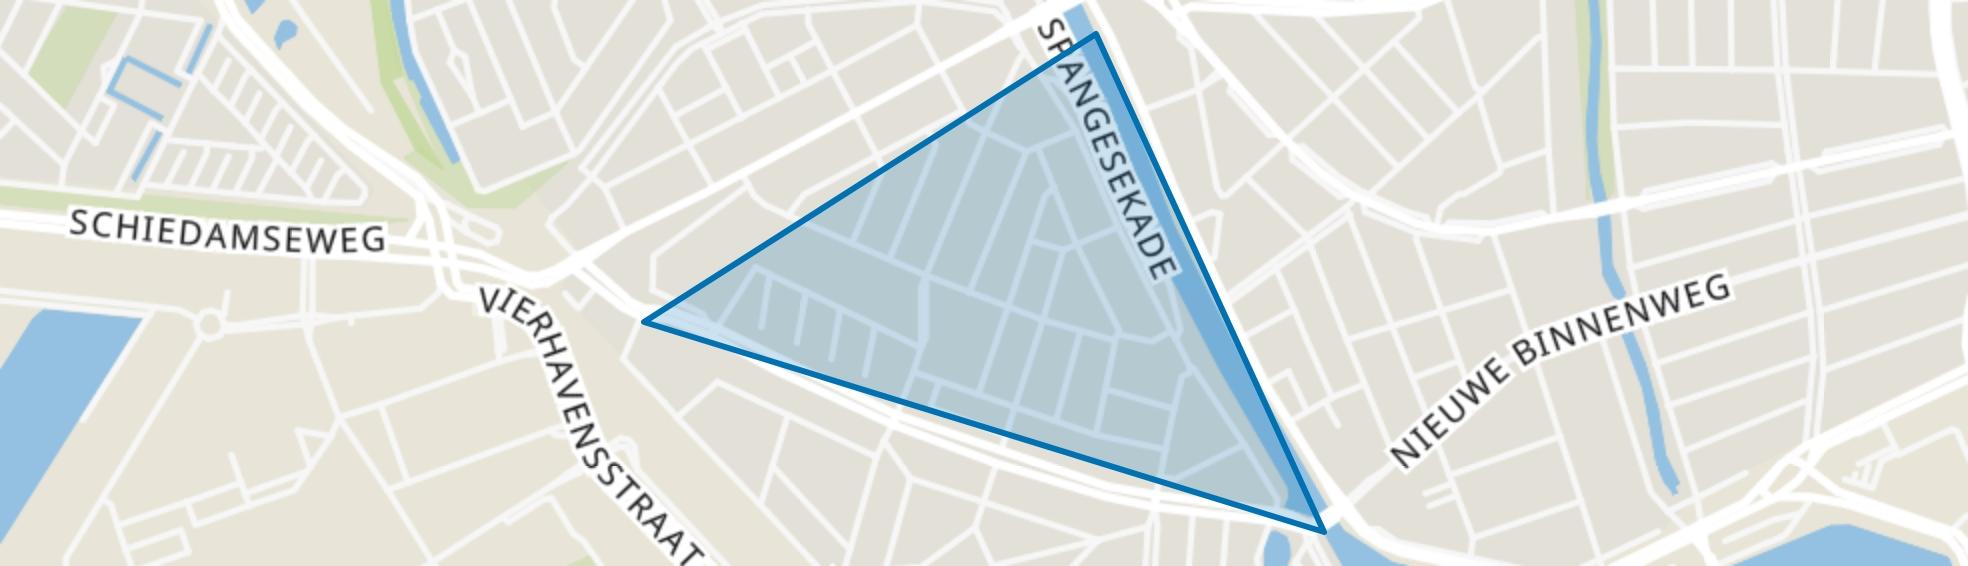 Tussendijken, Rotterdam map